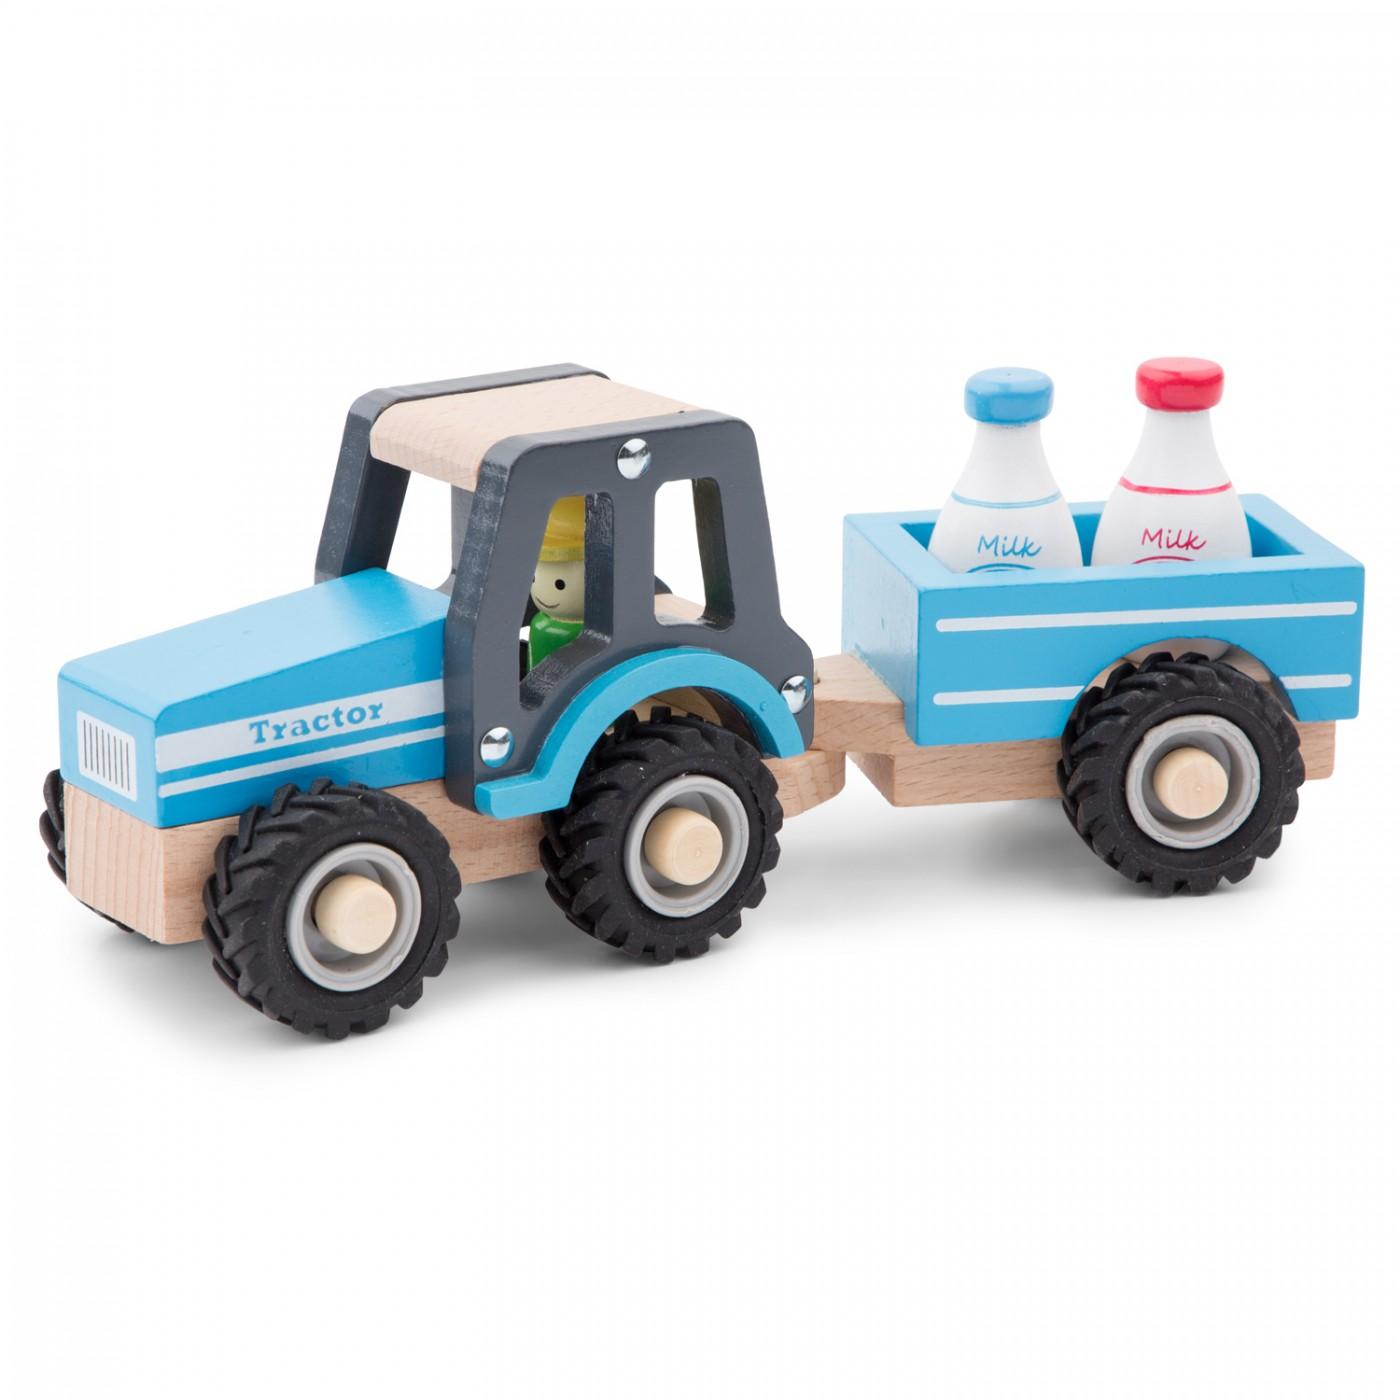 Traktor mit Anhänger und Milchkannen